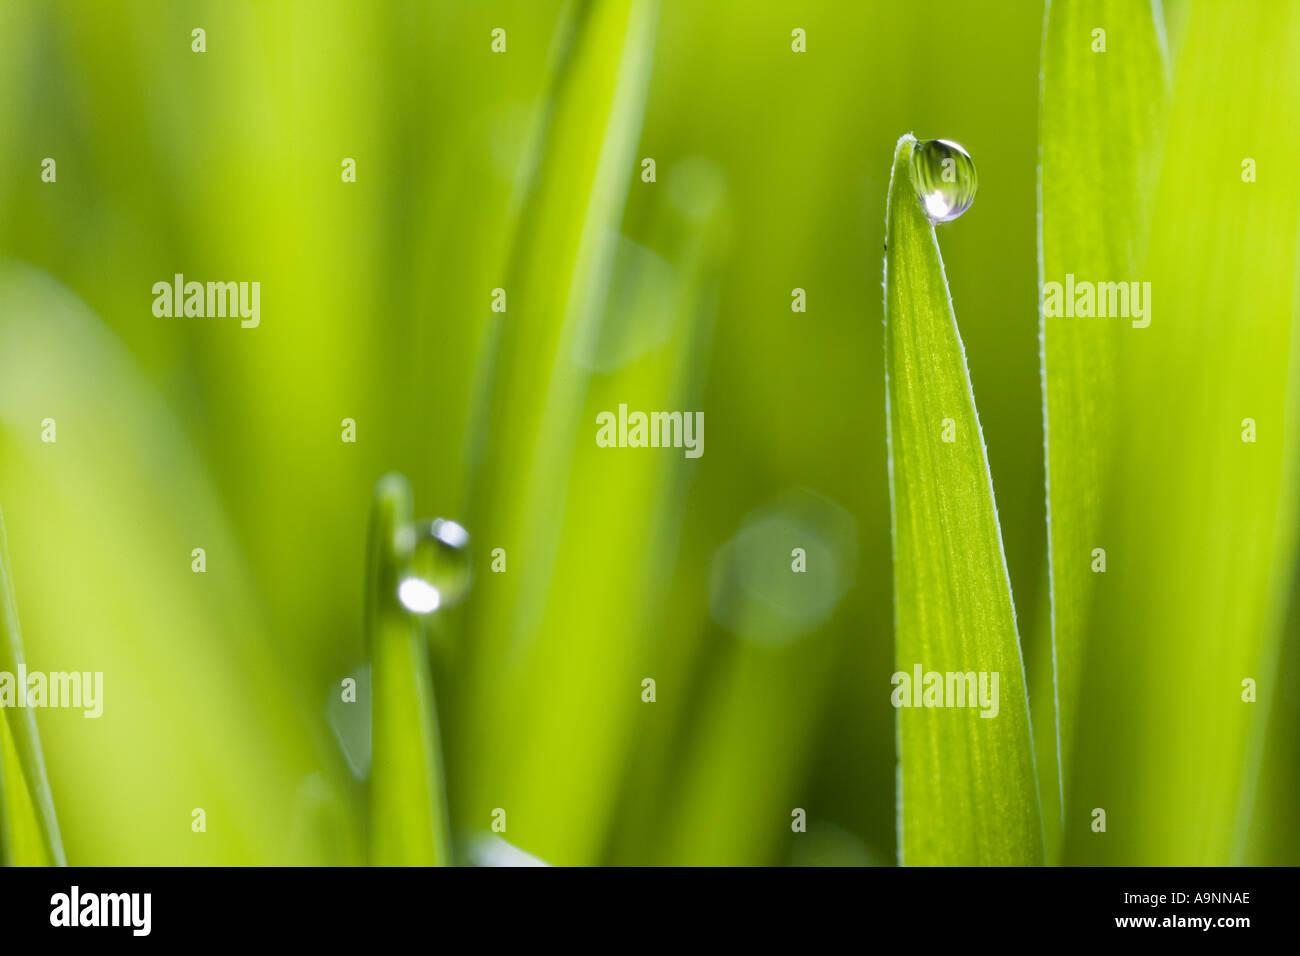 Gocce di acqua su fili di erba Immagini Stock